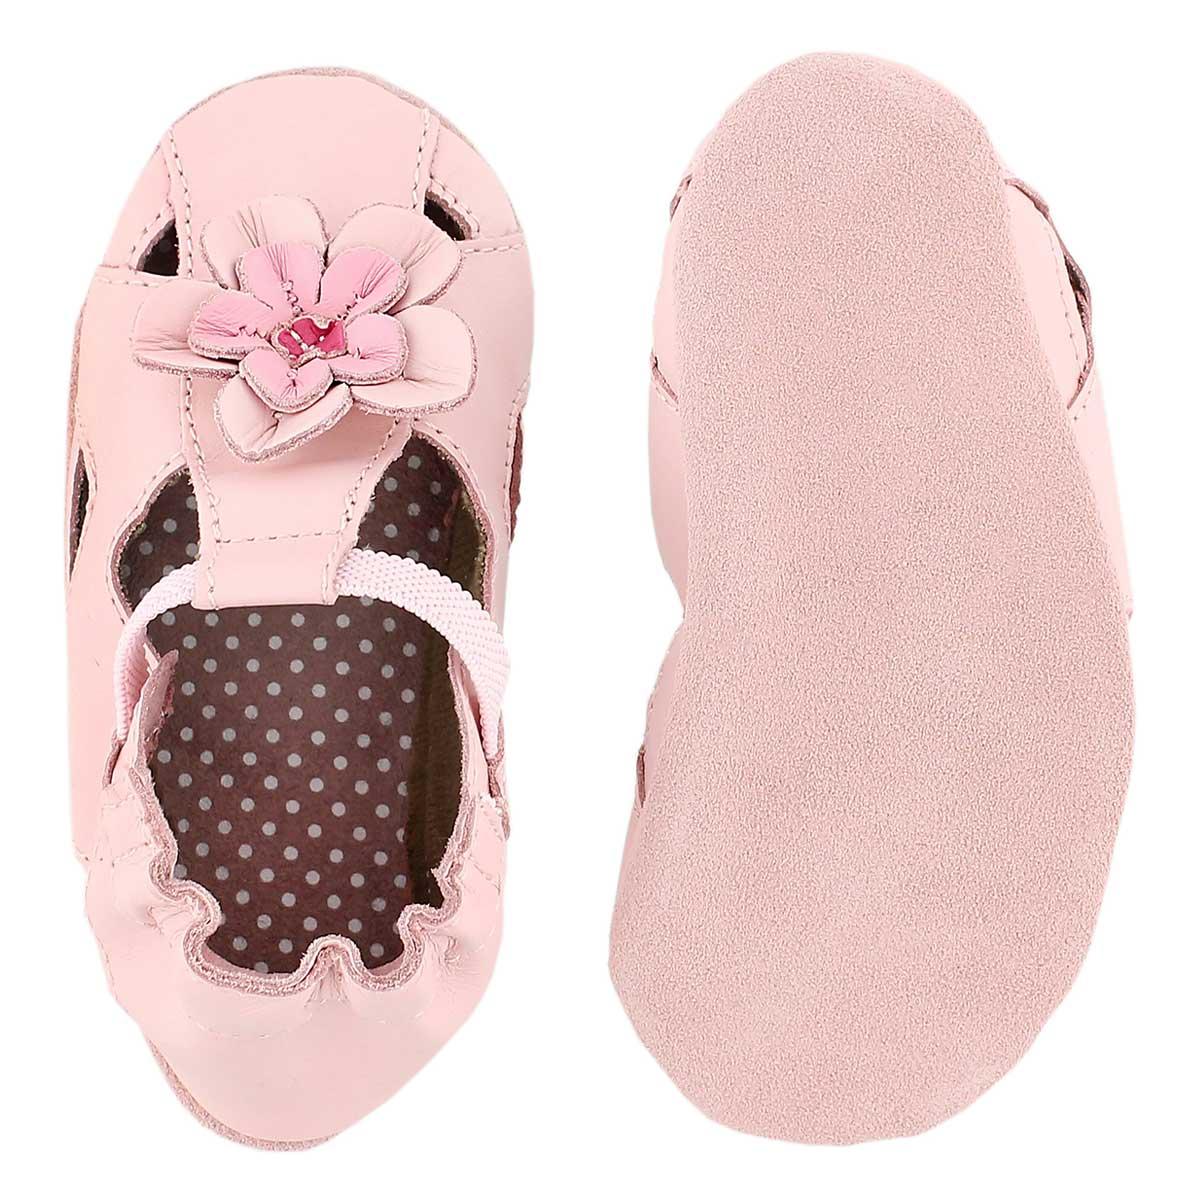 Pantoufles Pretty Pansy, rose, bébés